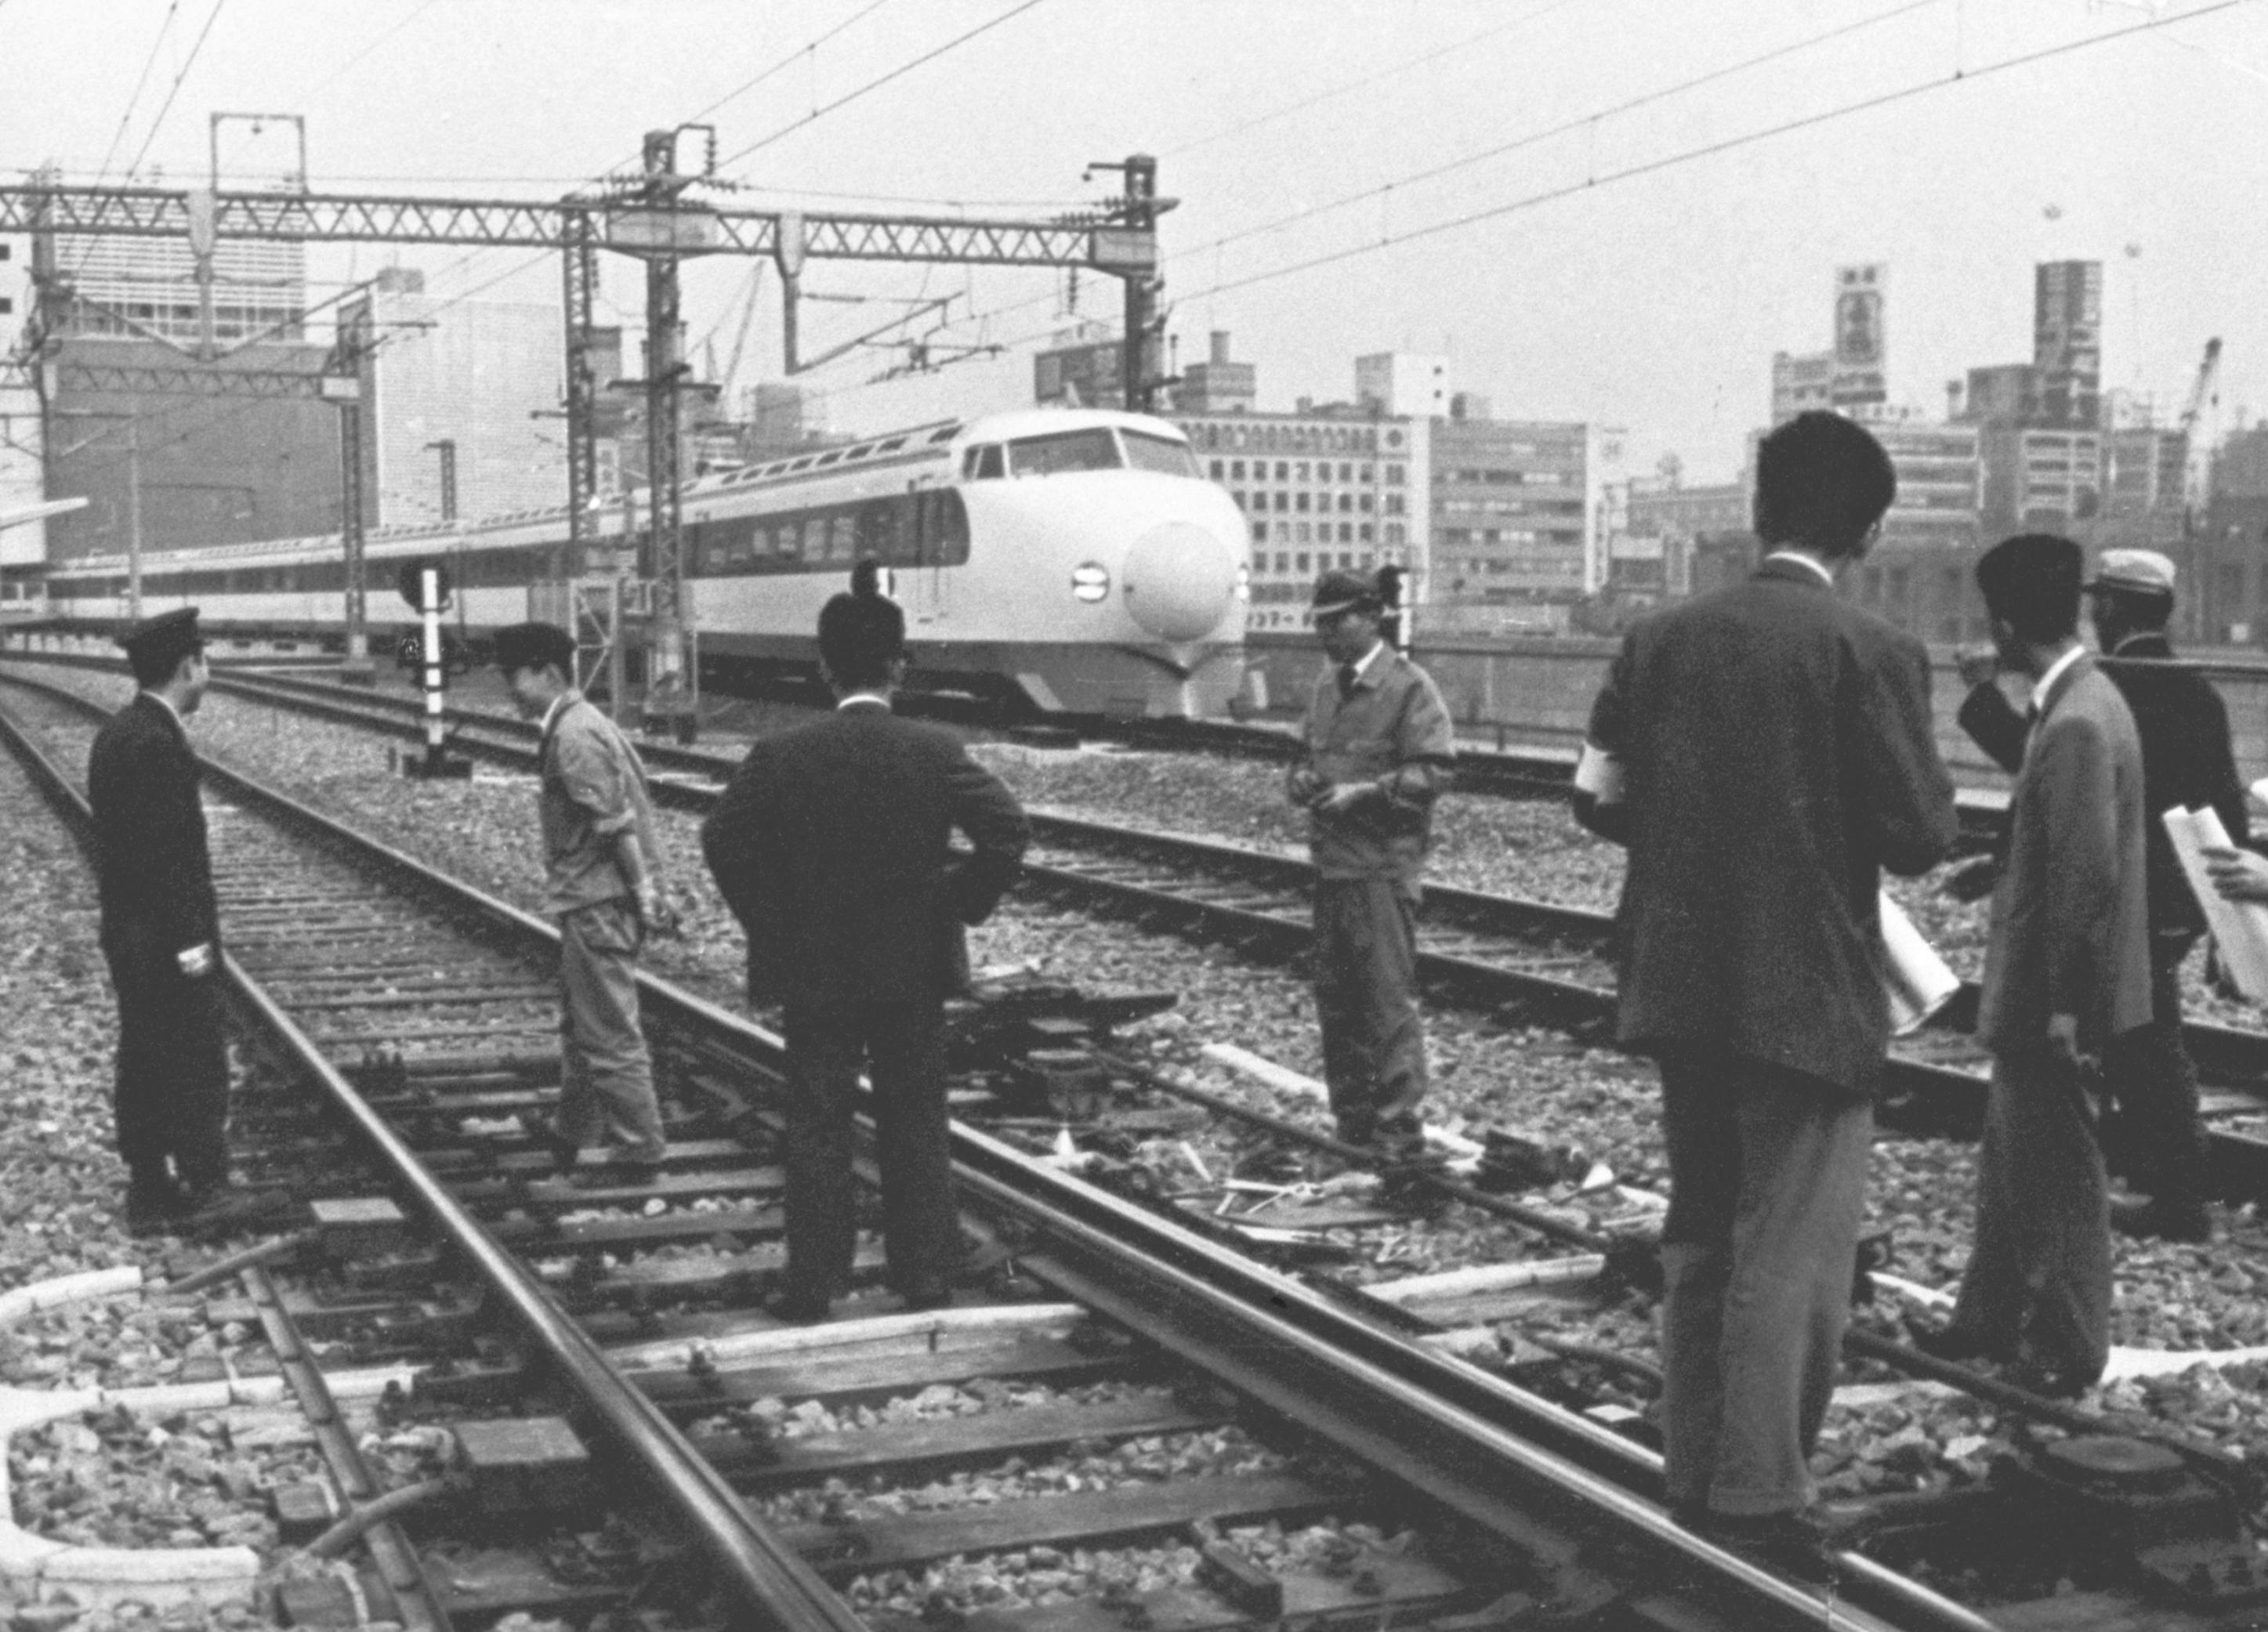 1964年10月12日、東京駅構内で事故のあった現場を調べる係員